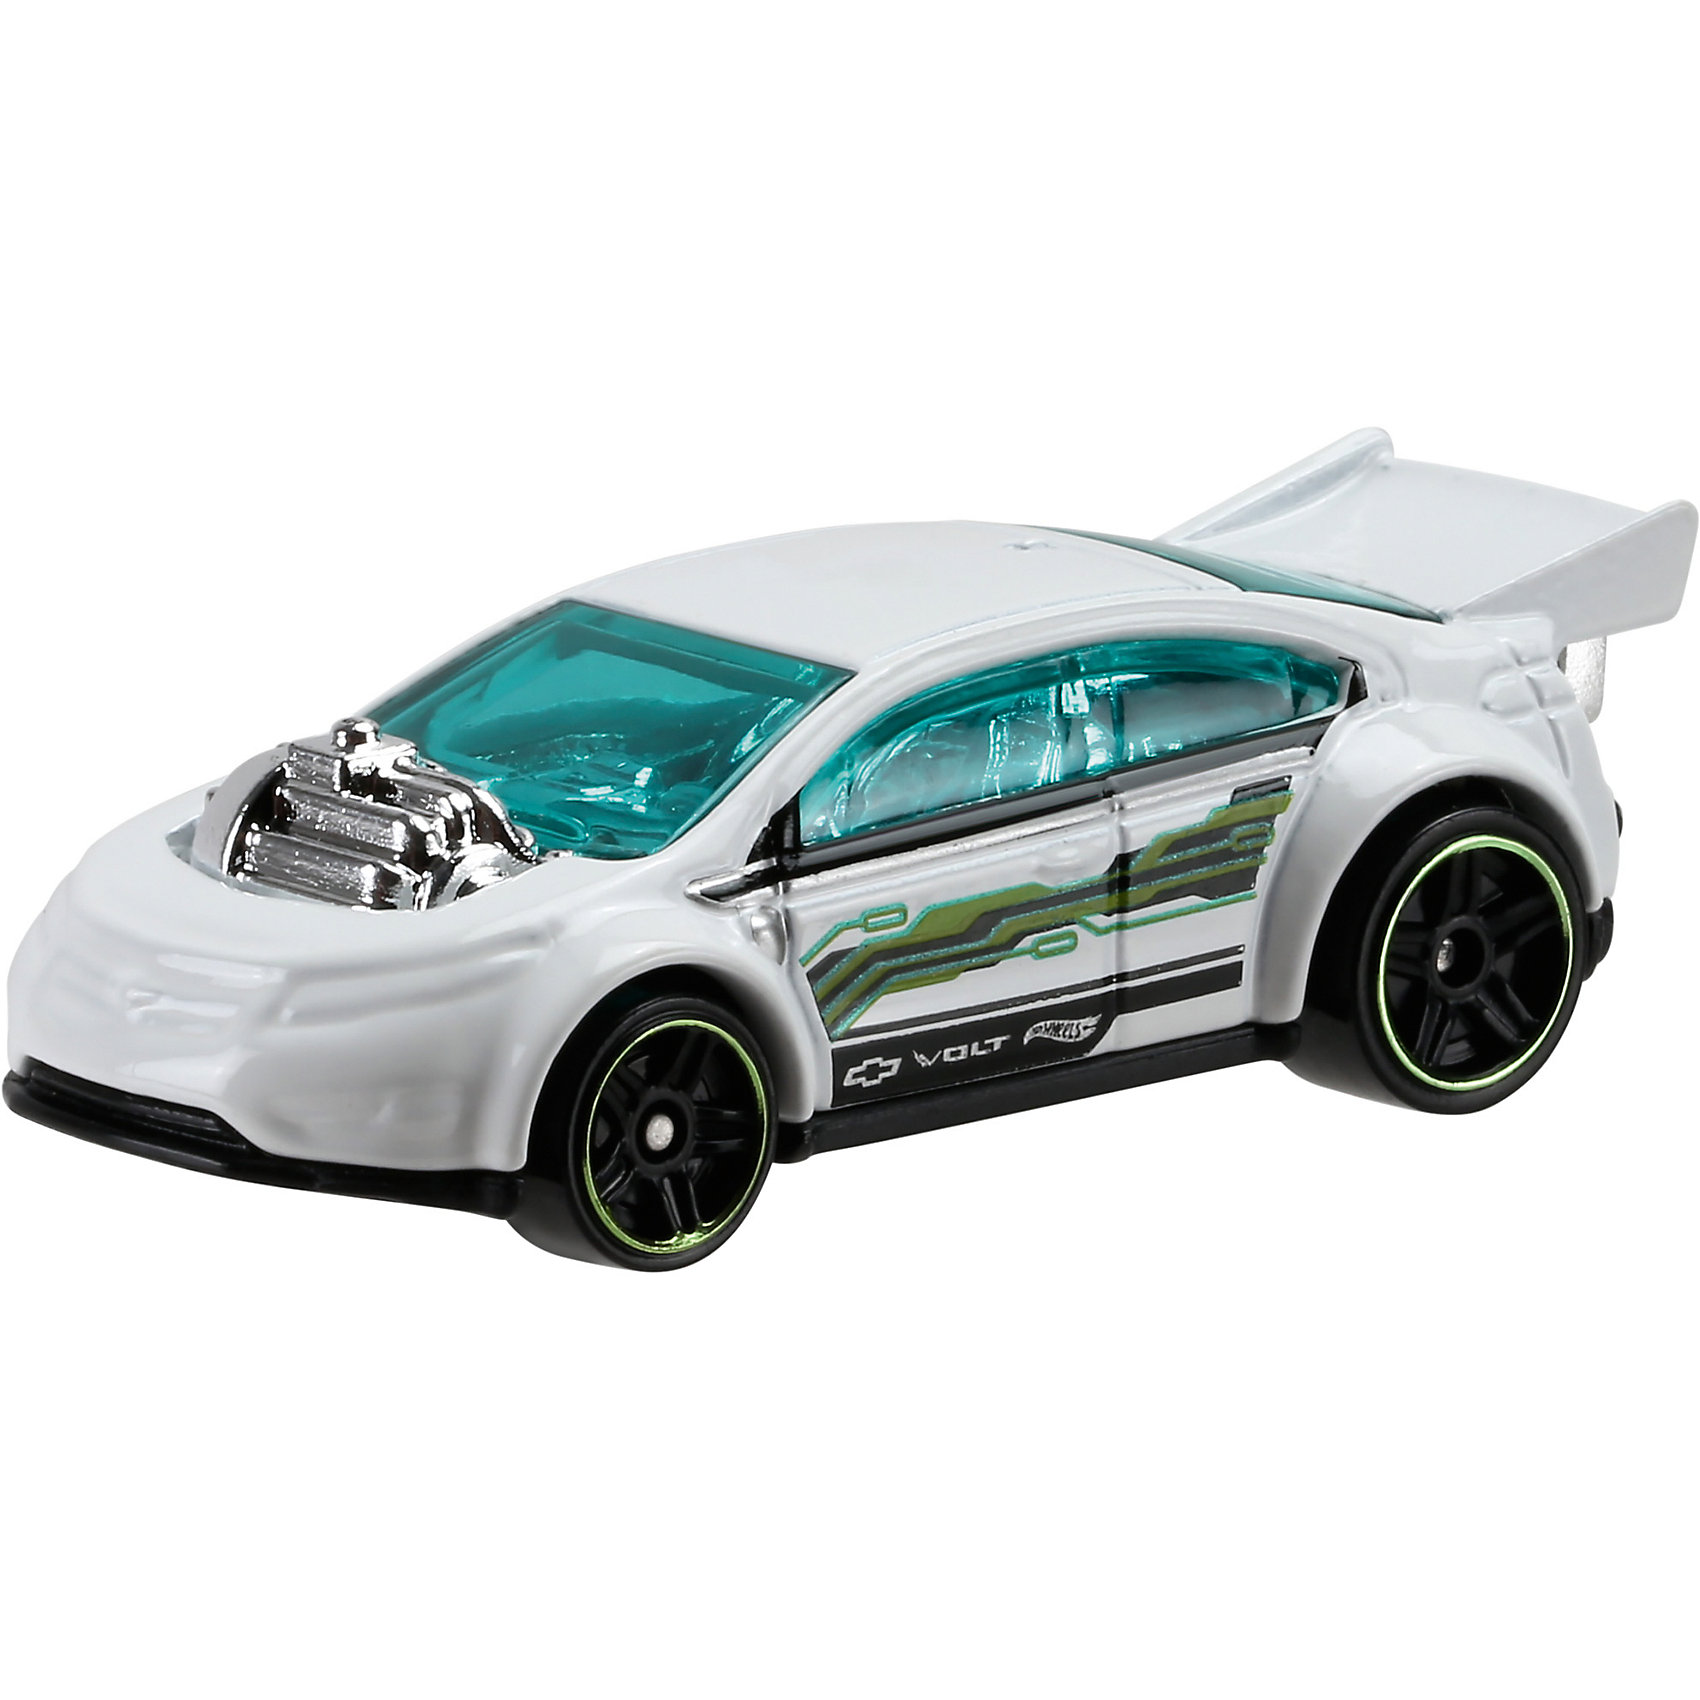 Машинка Hot Wheels из базовой коллекцииПопулярные игрушки<br>Машинка Hot Wheels из базовой коллекции – высококачественная масштабная модель машины, имеющая неординарный, радикальный дизайн. <br><br>В упаковке 1 машинка,  машинки тематически обусловлены от фантазийных, спасательных до экстремальных и просто скоростных машин. <br><br>Соберите свою коллекцию машинок Hot Wheels!<br><br>Дополнительная информация: <br><br>Машинка стандартного размера Hot Wheels<br>Размер упаковки: 11 х 10,5 х 3,5 см<br><br>Ширина мм: 110<br>Глубина мм: 45<br>Высота мм: 110<br>Вес г: 30<br>Возраст от месяцев: 36<br>Возраст до месяцев: 96<br>Пол: Мужской<br>Возраст: Детский<br>SKU: 4888908